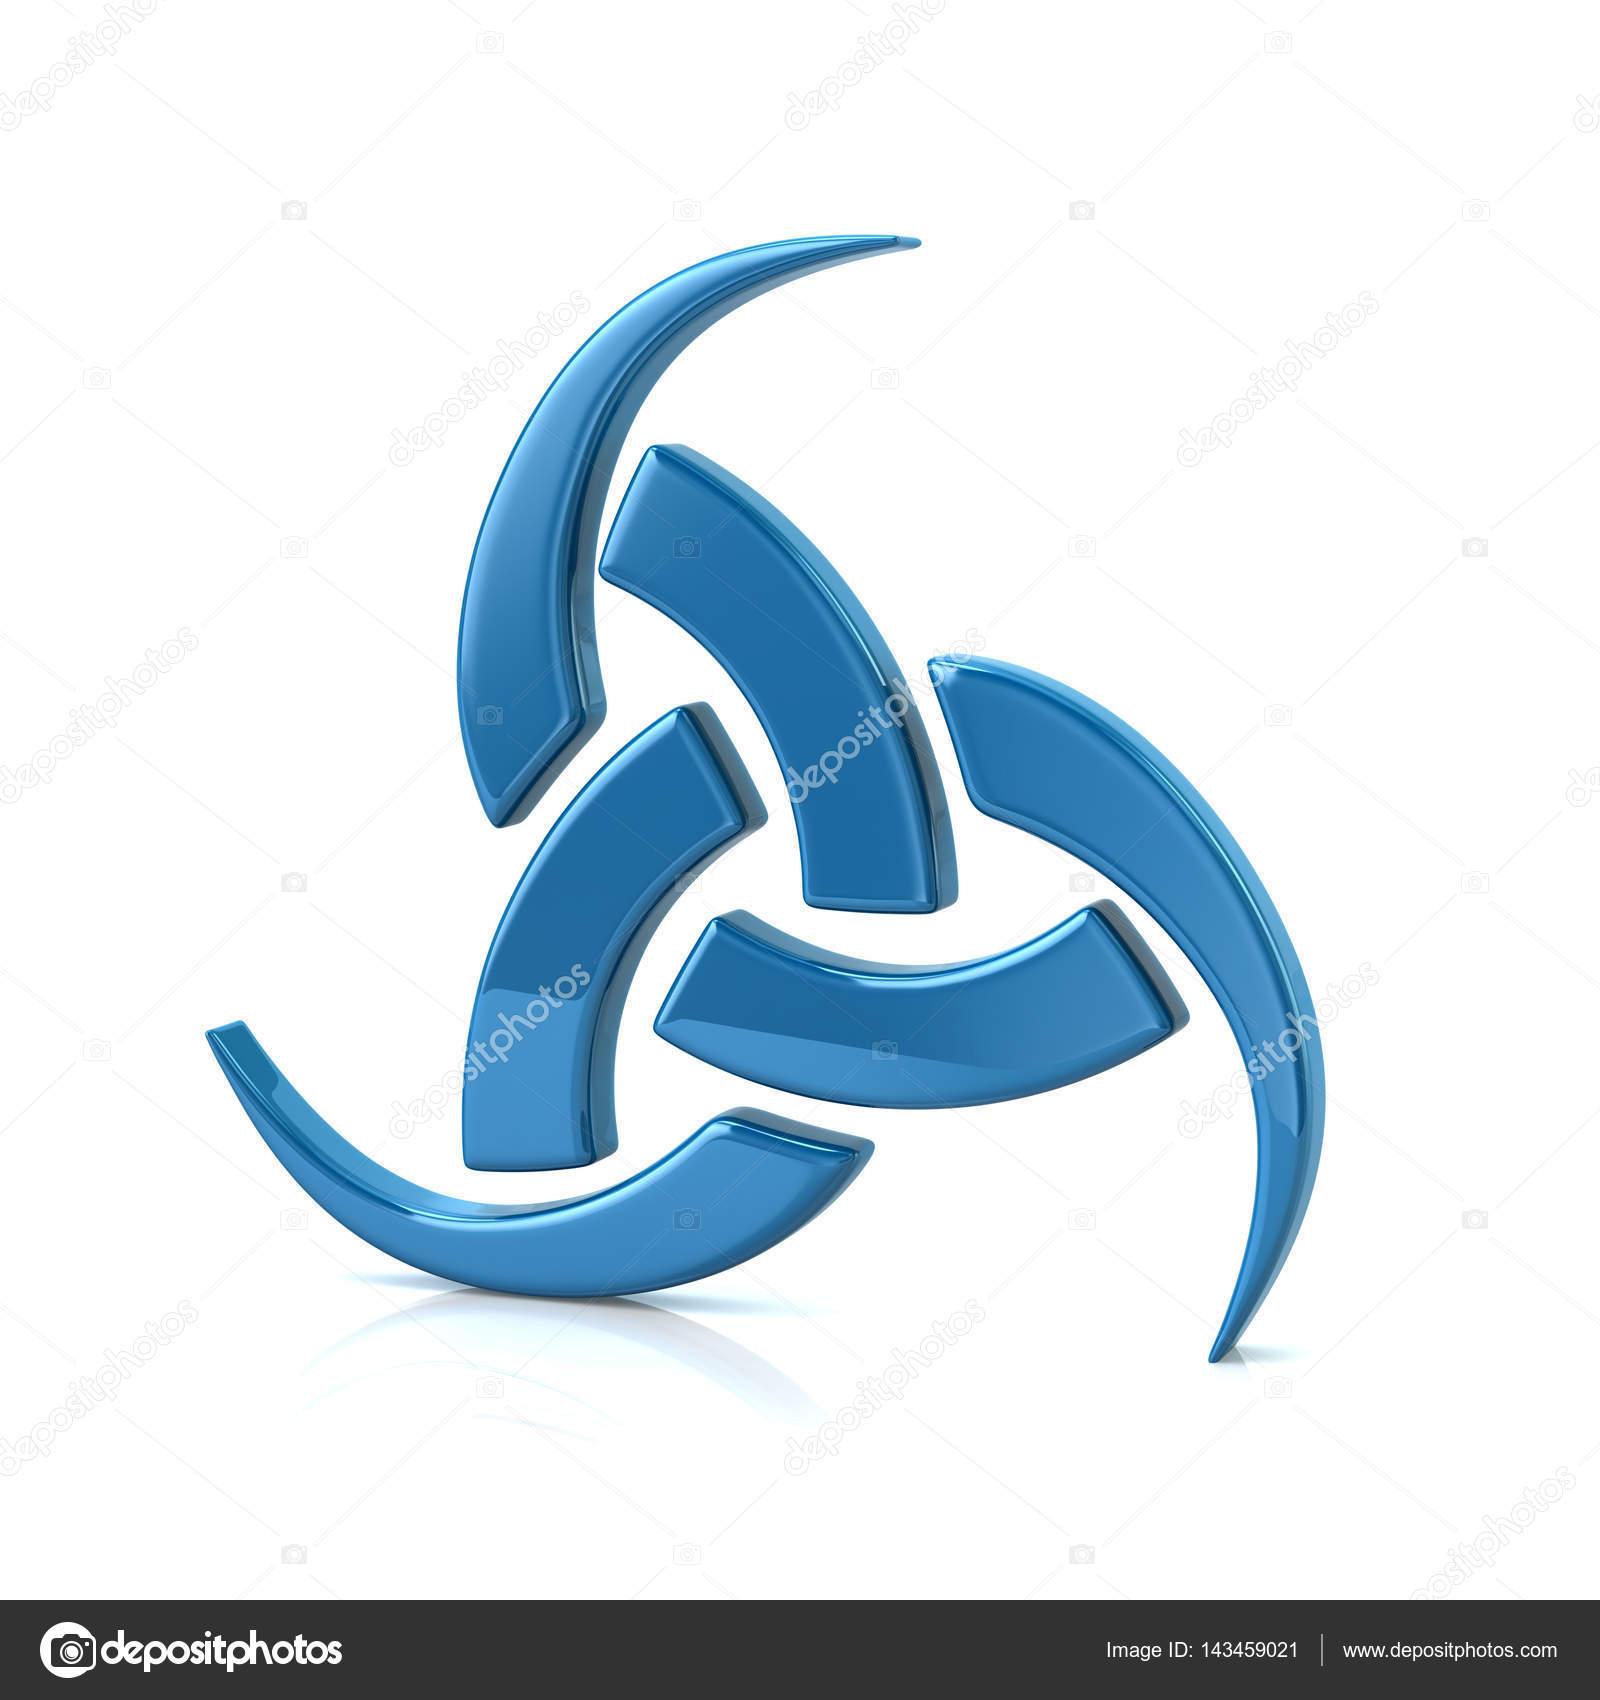 Blue triple horn of odin 3d illustraion stock photo valdum blue triple horn of odin 3d illustraion isolated on white background photo by valdum buycottarizona